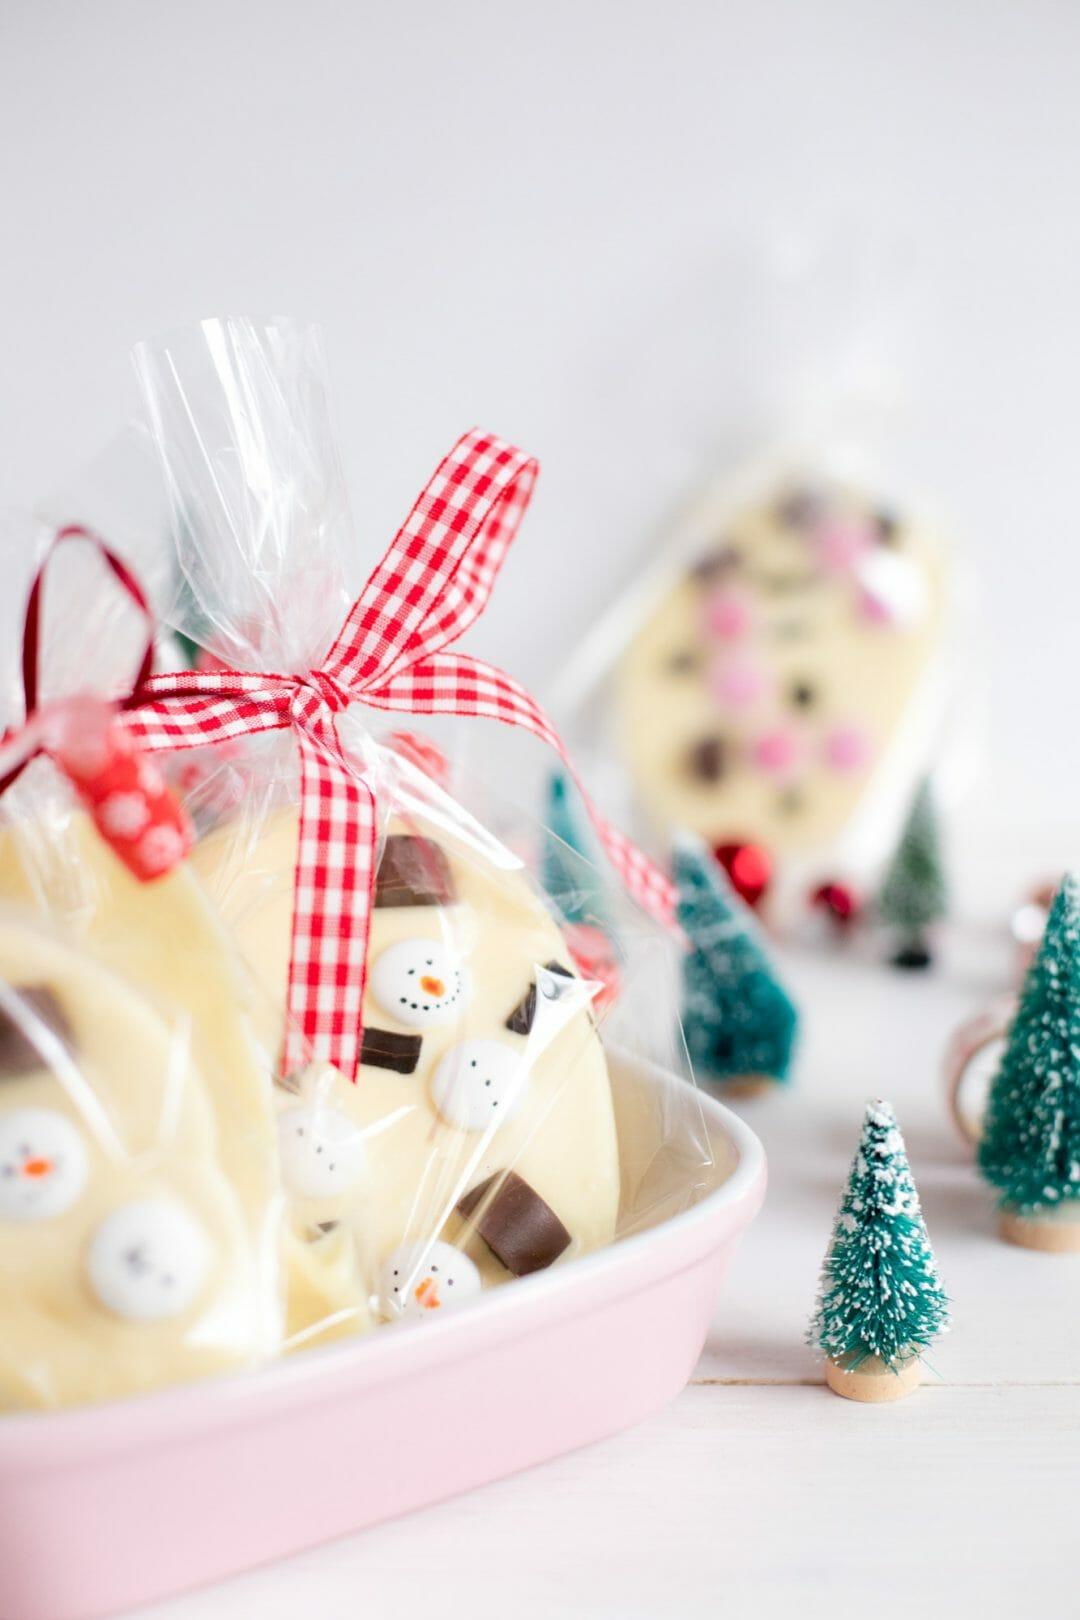 Weihnachten Geschenke 2019.Kleine Geschenke Zu Weihnachten Pinterest 14 Geschenke 2019 02 27